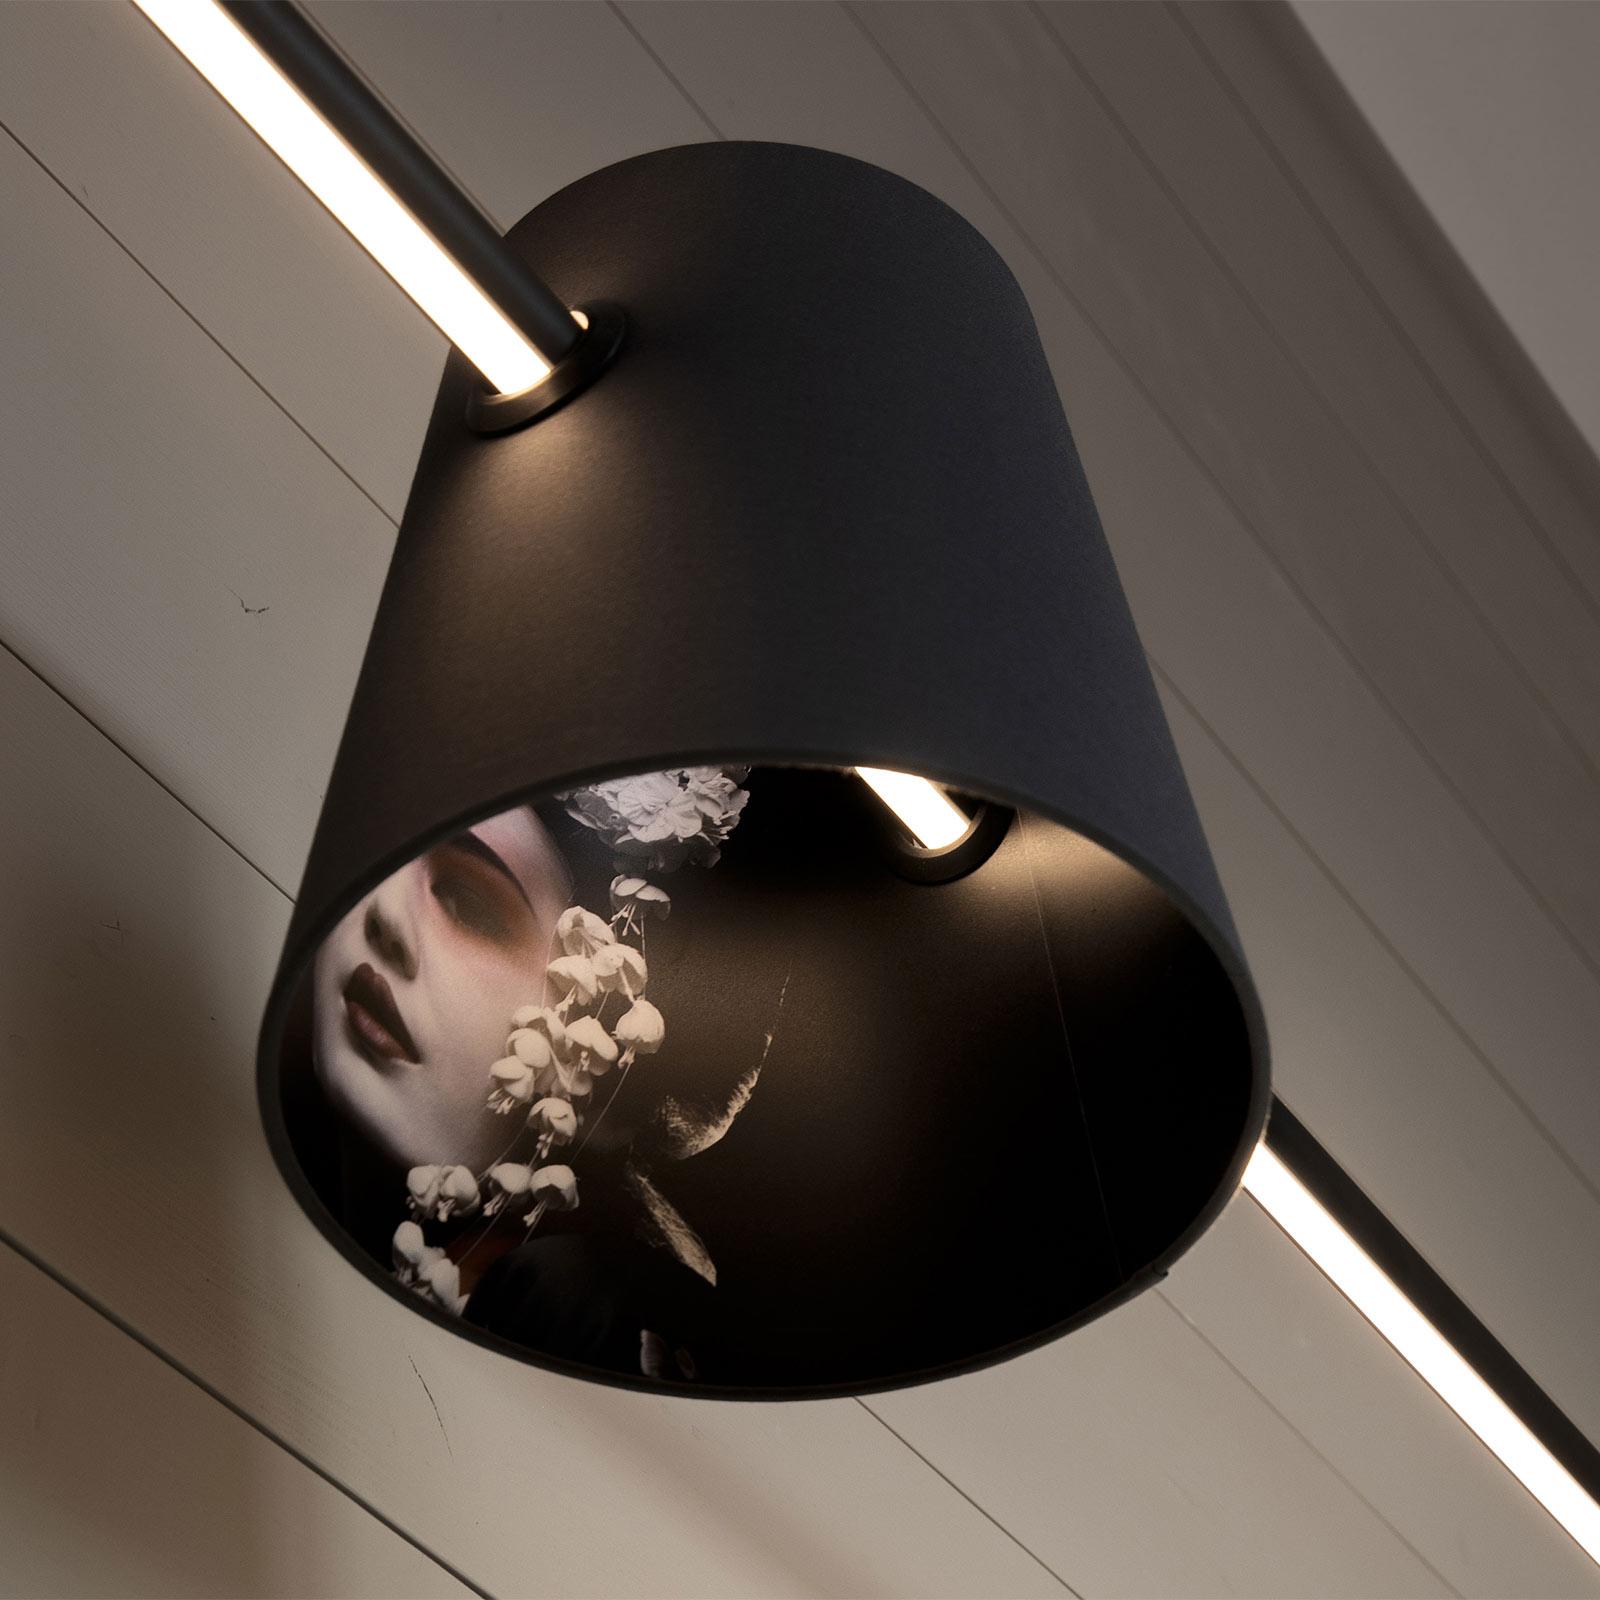 Karman Cupido kap voor LED balk hanglamp